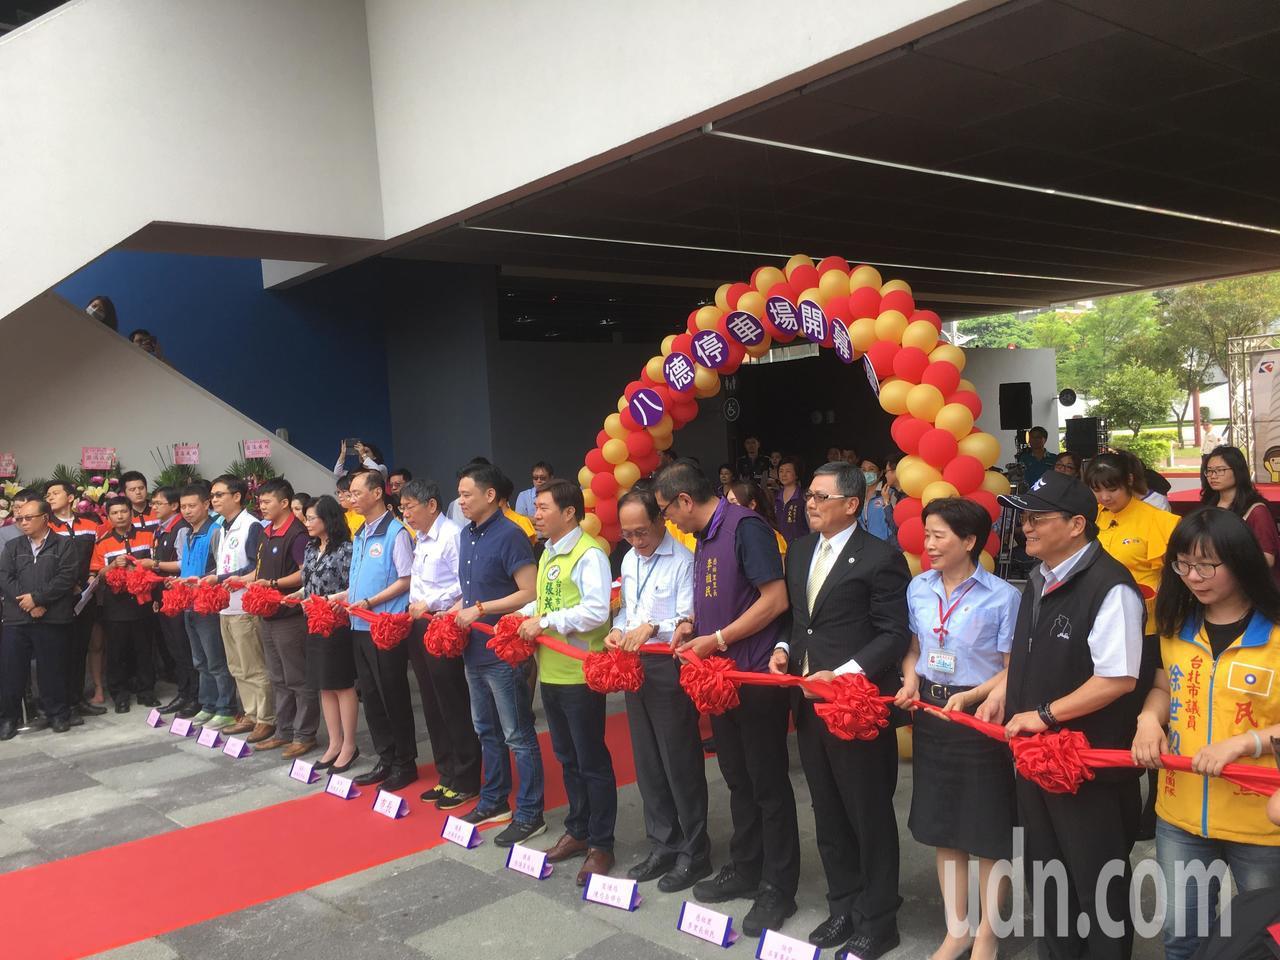 台北市長柯文哲今天出席「八德立體停車場啟用記者會」。記者張世杰/攝影